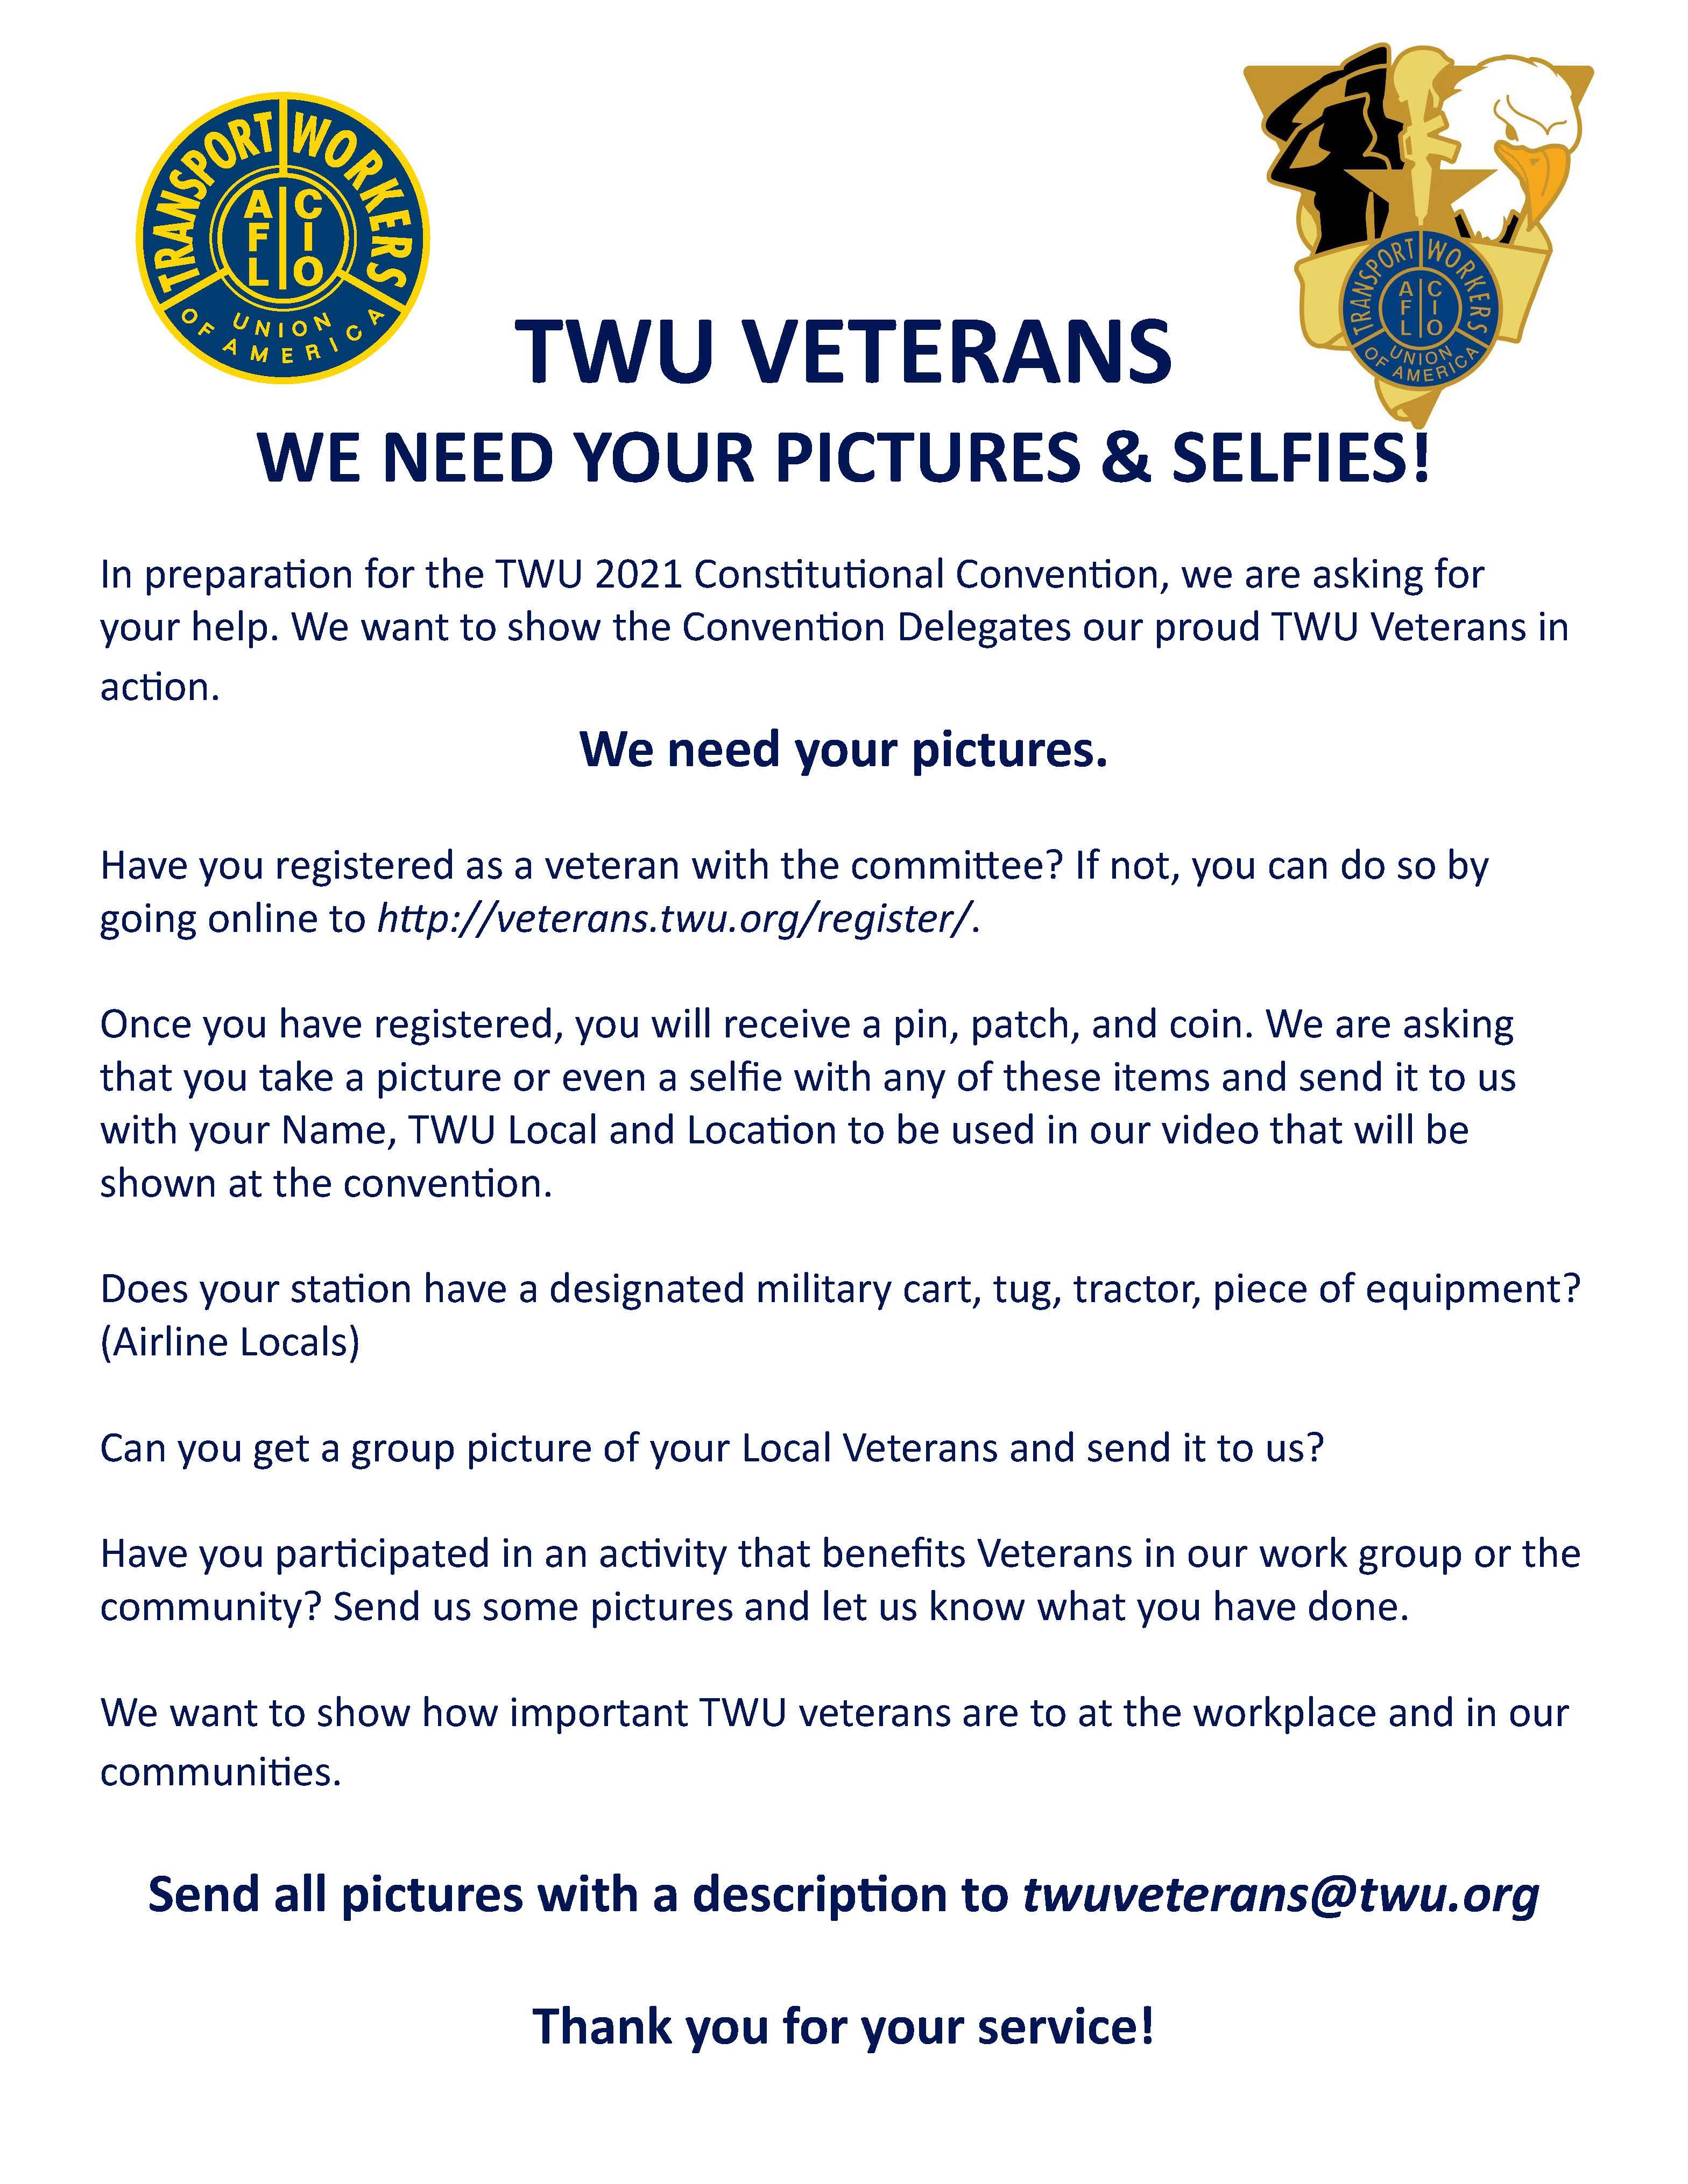 TWU VETERANS - WE NEED YOUR PICTURES & SELFIES!